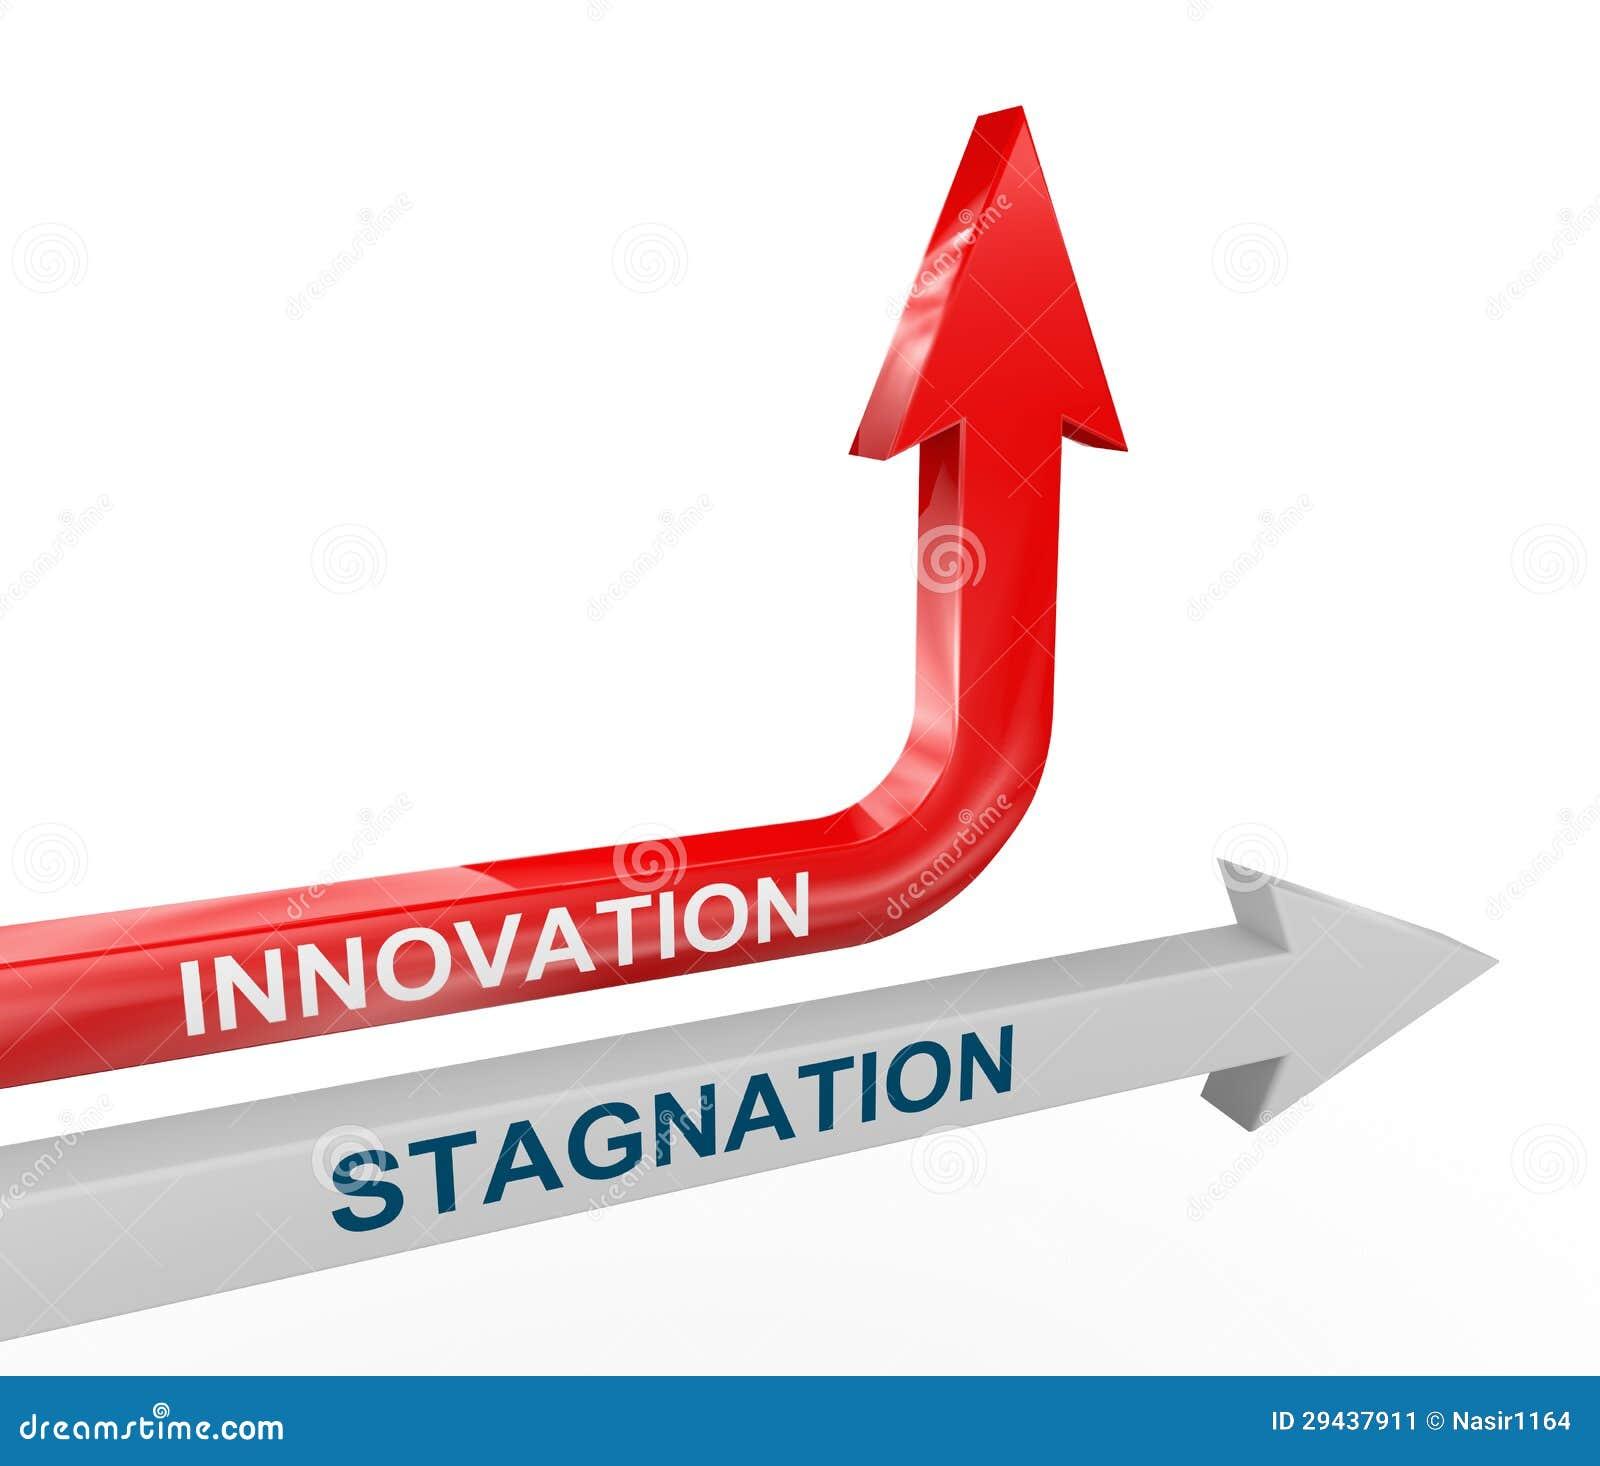 τρισδιάστατα βέλη στασιμότητας και καινοτομίας